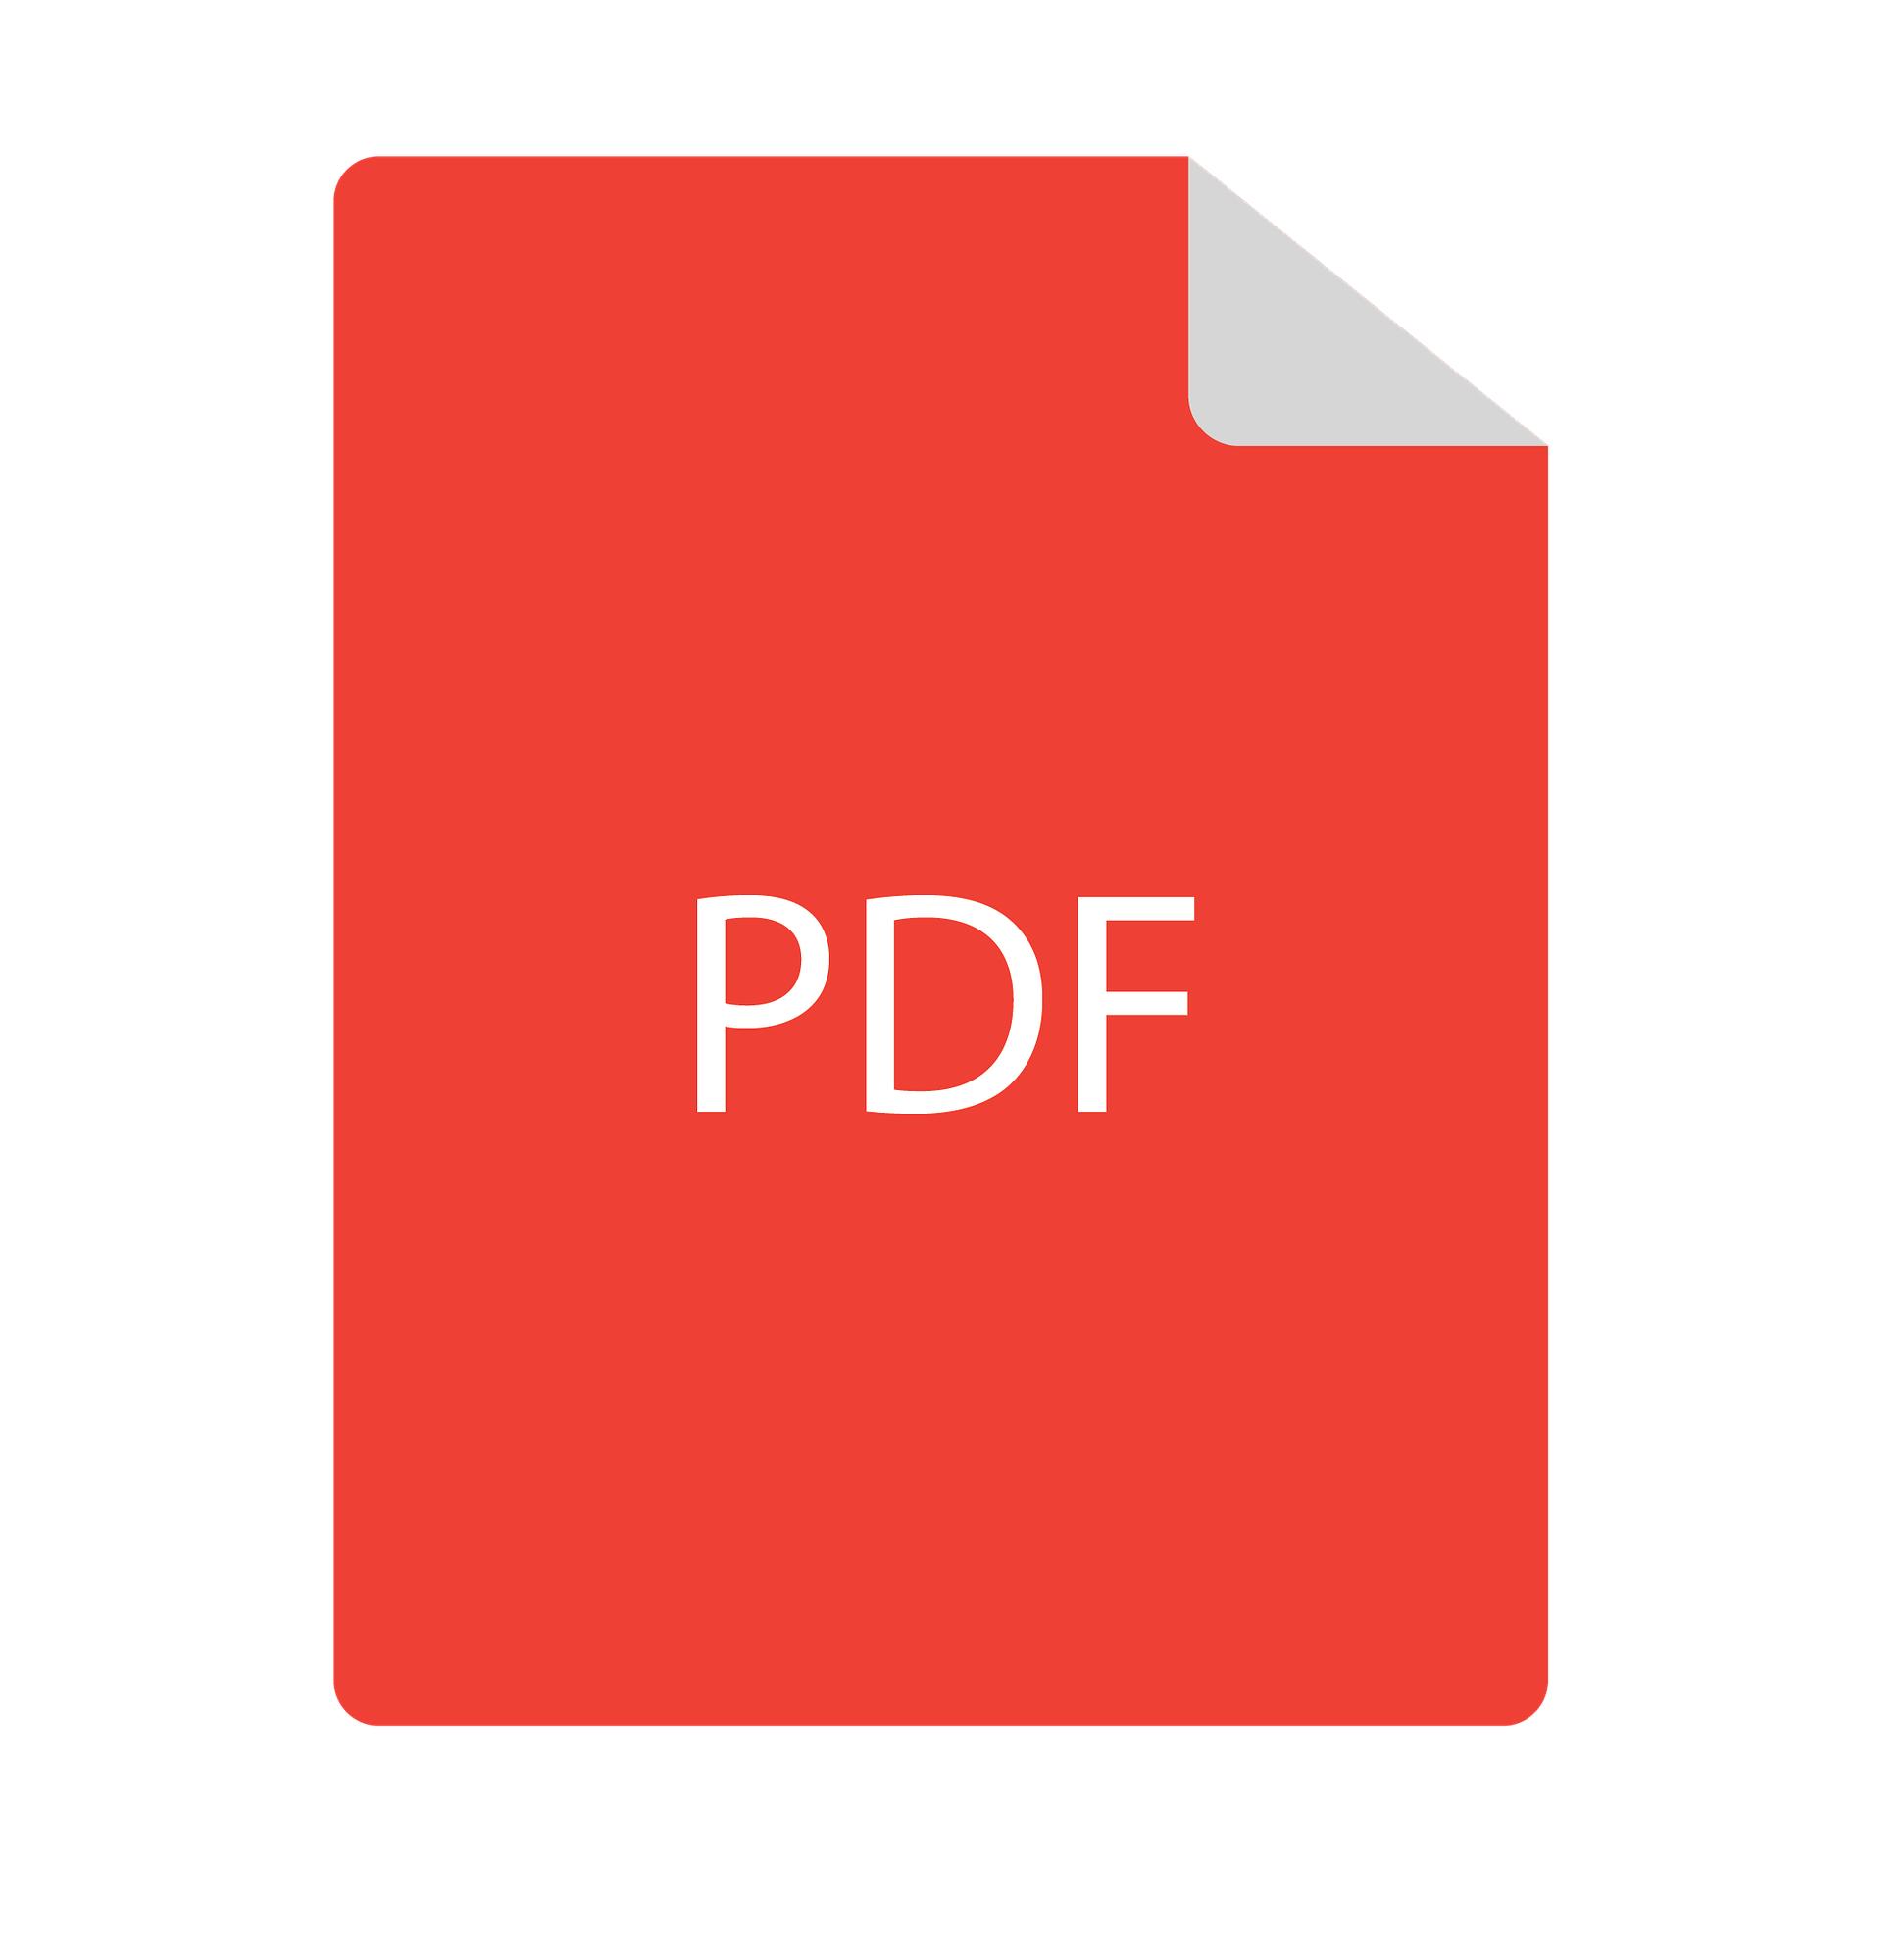 Arte com retângulo vermelho vertical com o texto PDF no centro da imagem.